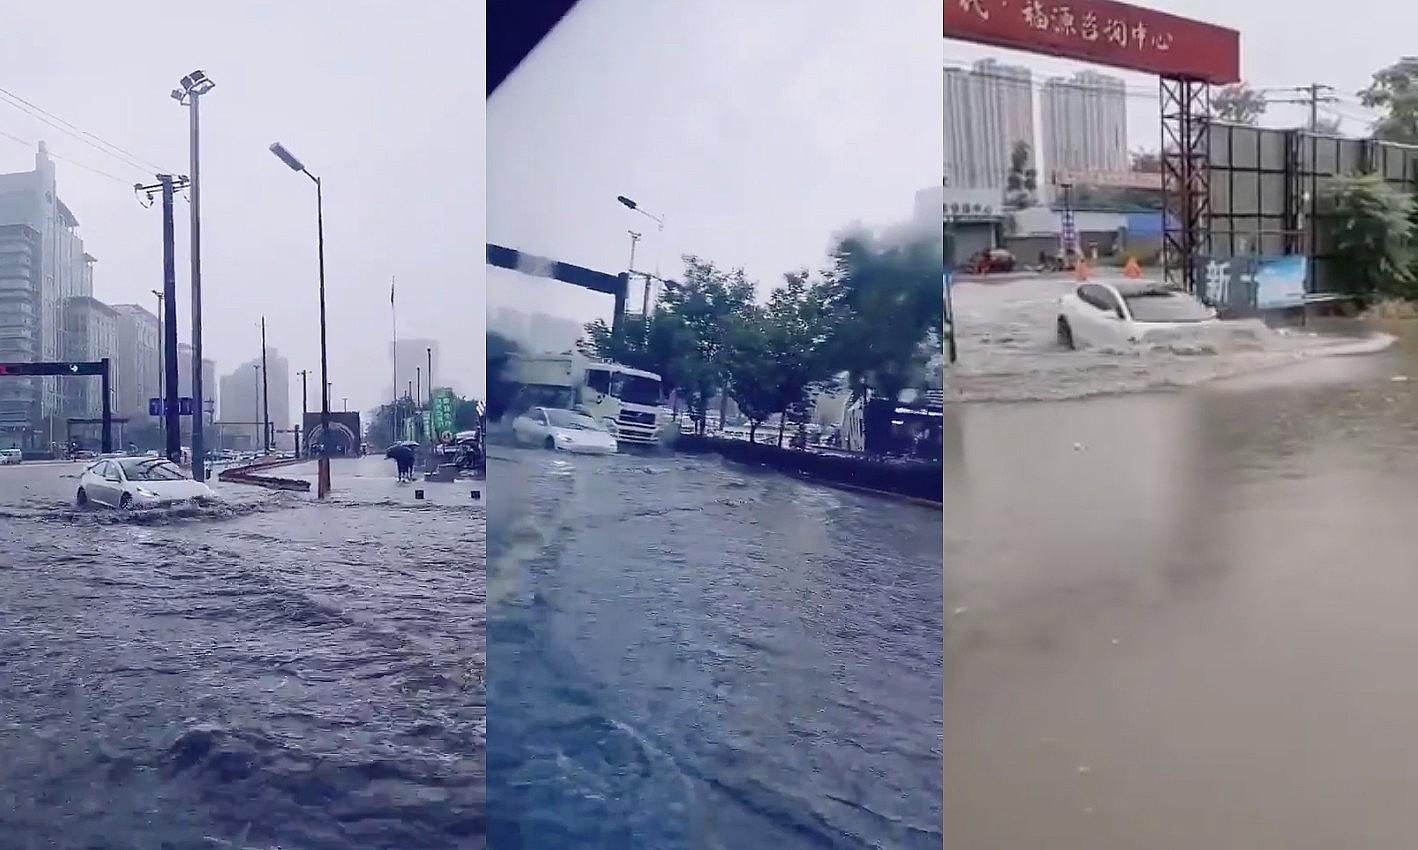 tesla-model-3-china-flooding-1